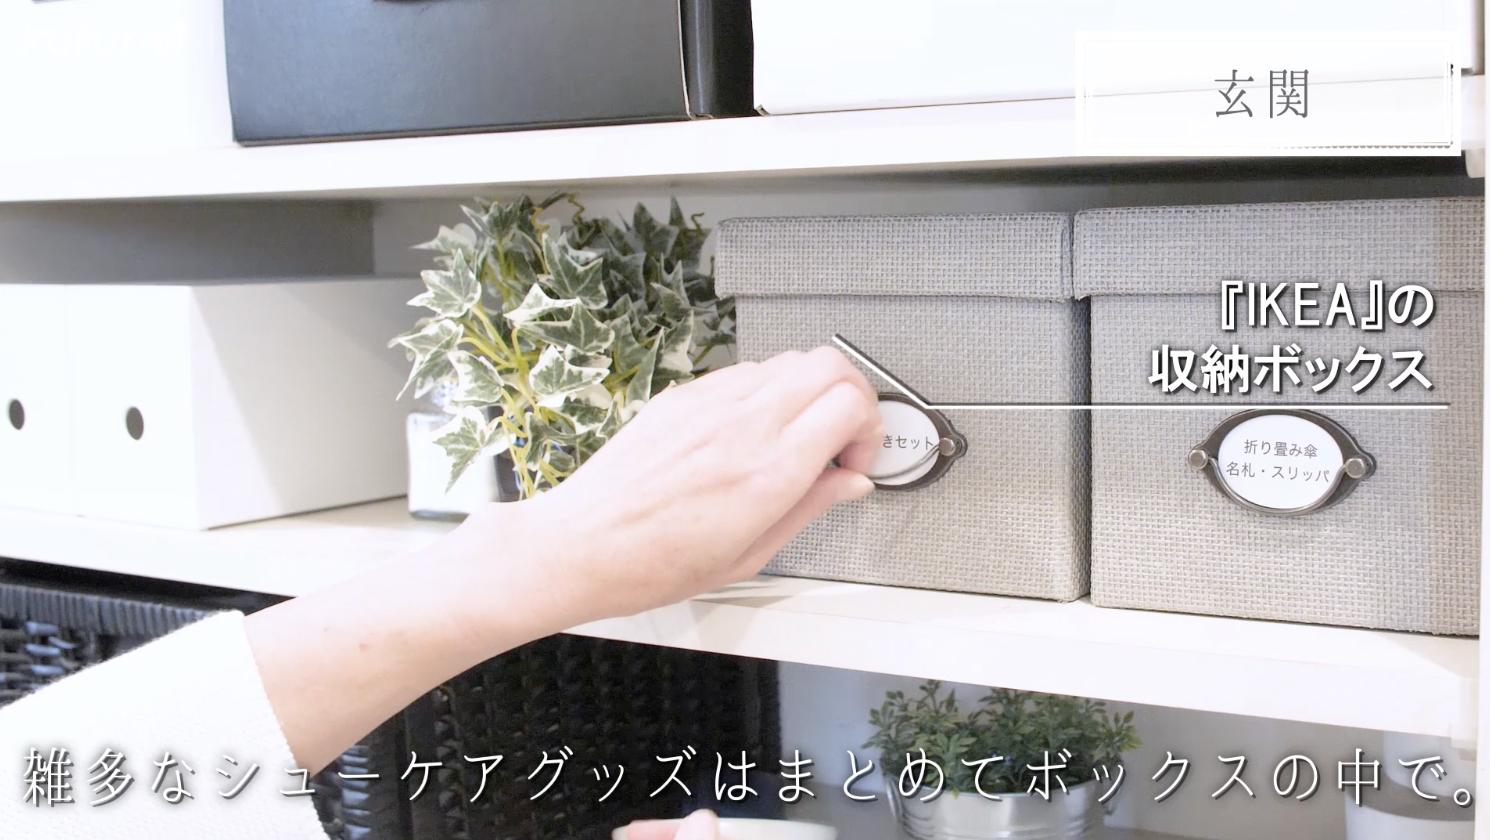 整理収納アドバイザーが本当に使っているものだけ!「IKEA」のおしゃれで機能的な収納グッズ9